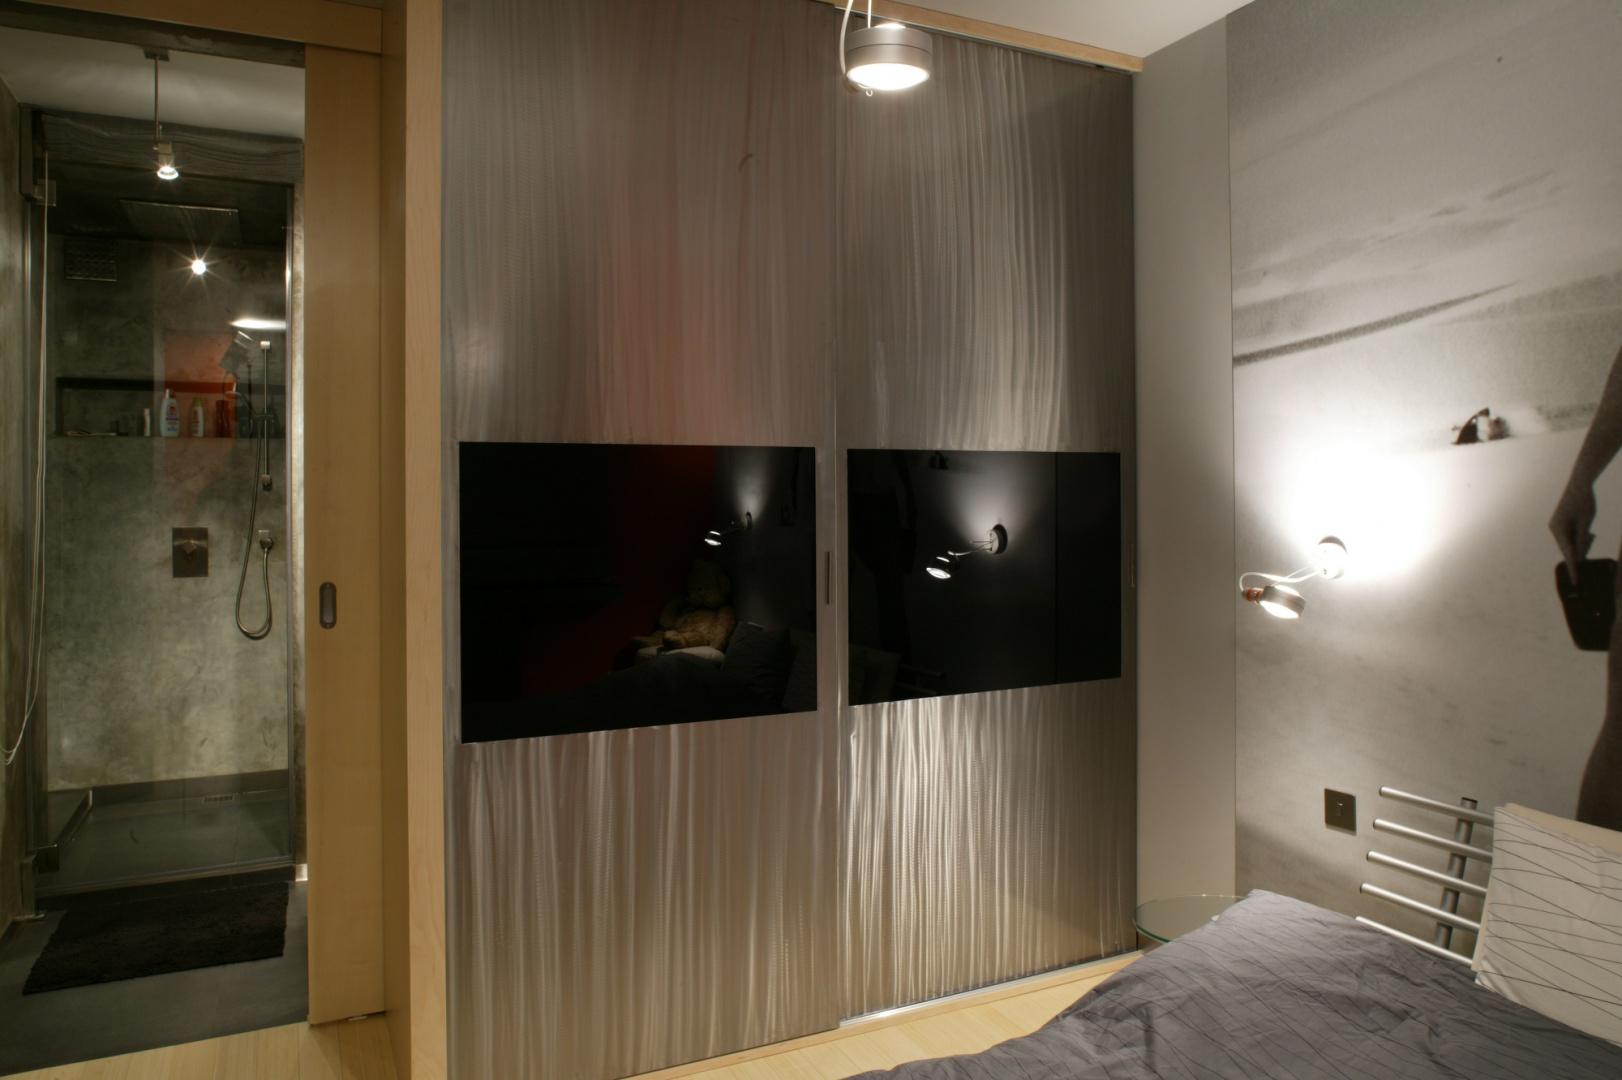 Meble zostały tu ograniczone do minimum. Oprócz łóżka znalazło się tu jeszcze tylko miejsce na robioną na zamówienie szafę ze stali szlifowanej, z wmontowanymi płaszczyznami czarnego szkła. Fot. Tomek Markowski.